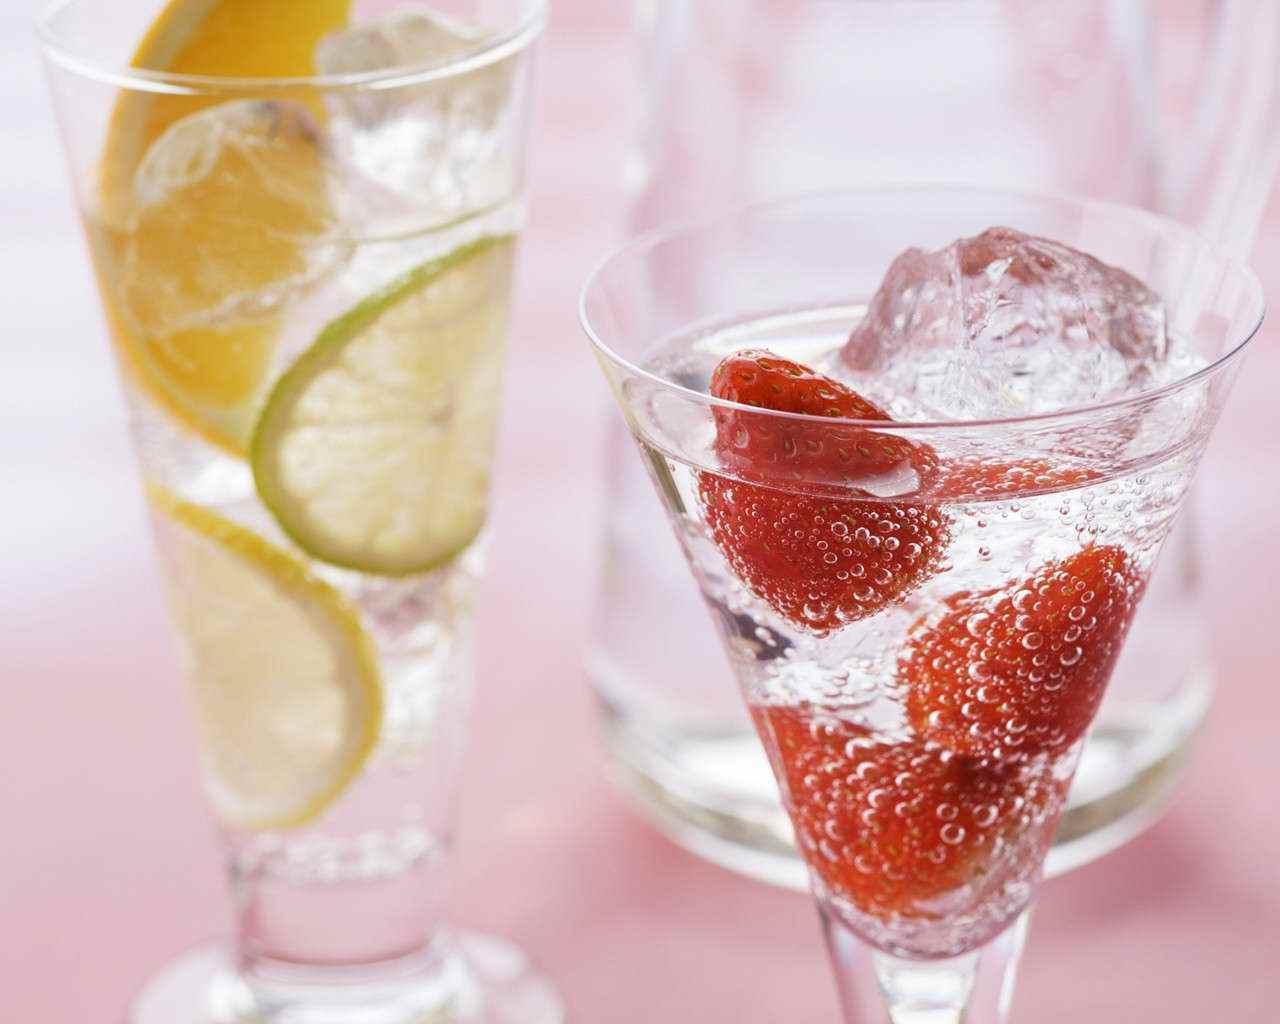 含糖饮料和果汁可能增加早逝风险